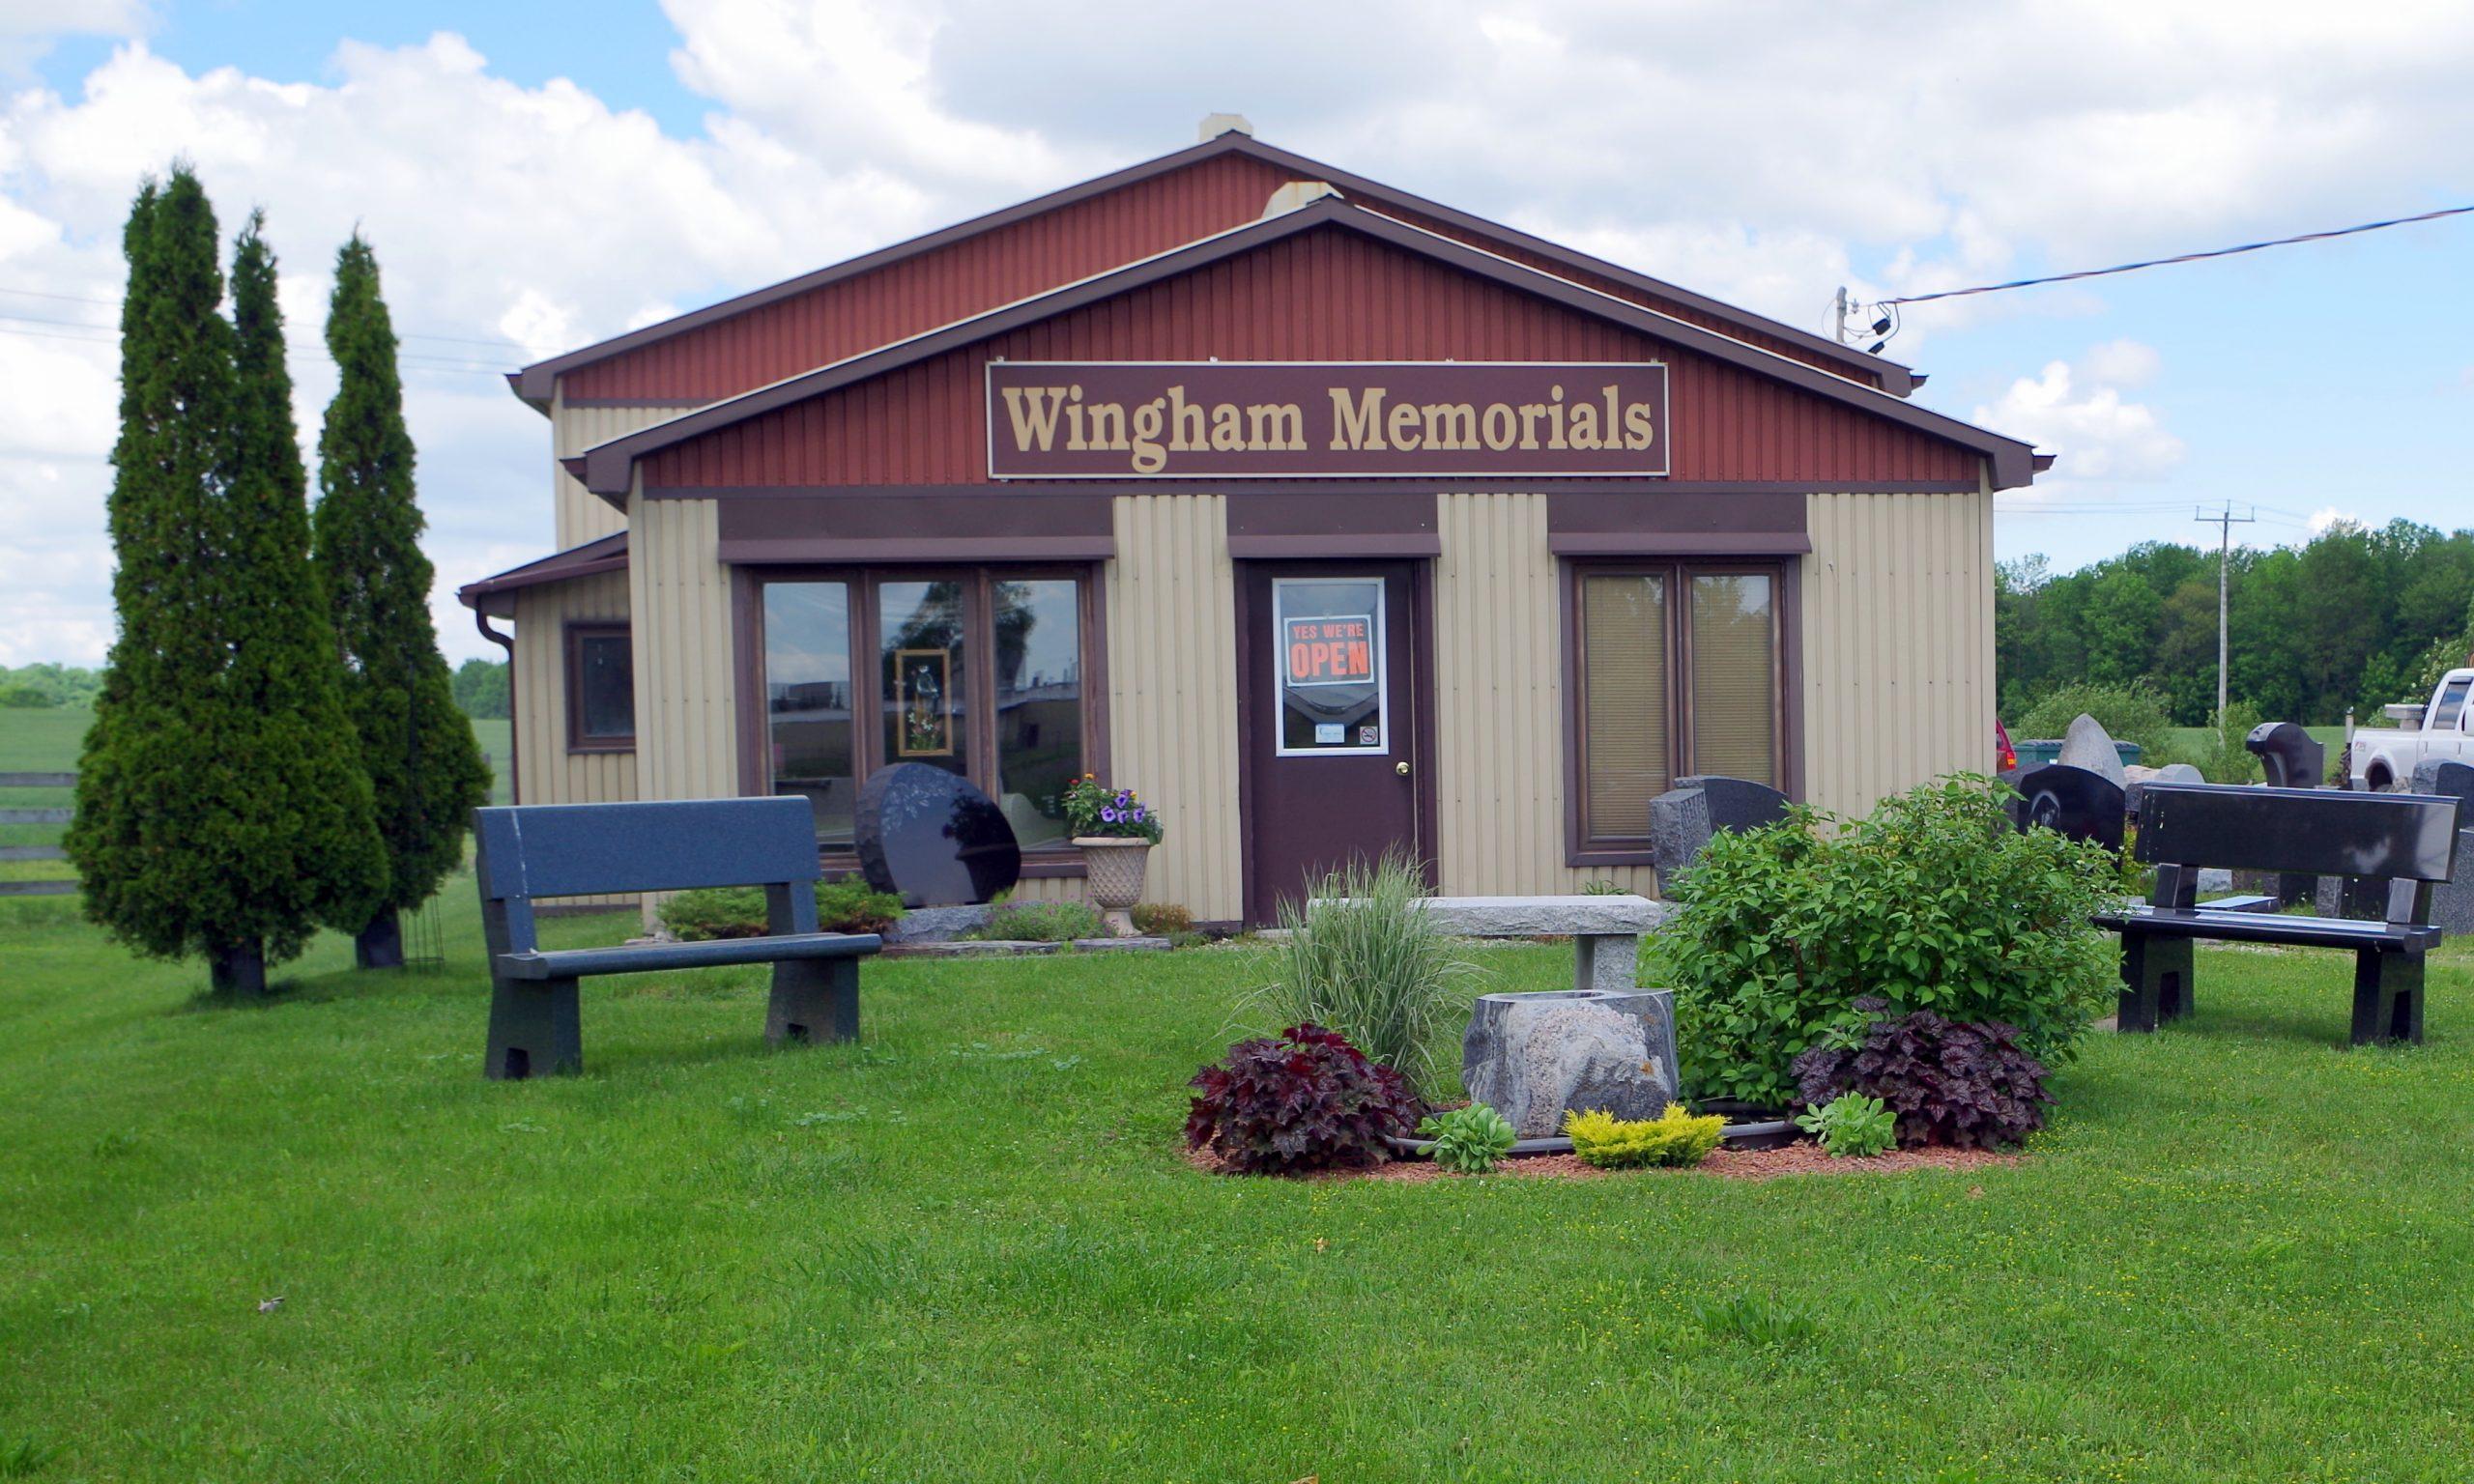 Wingham Memorials Storefront